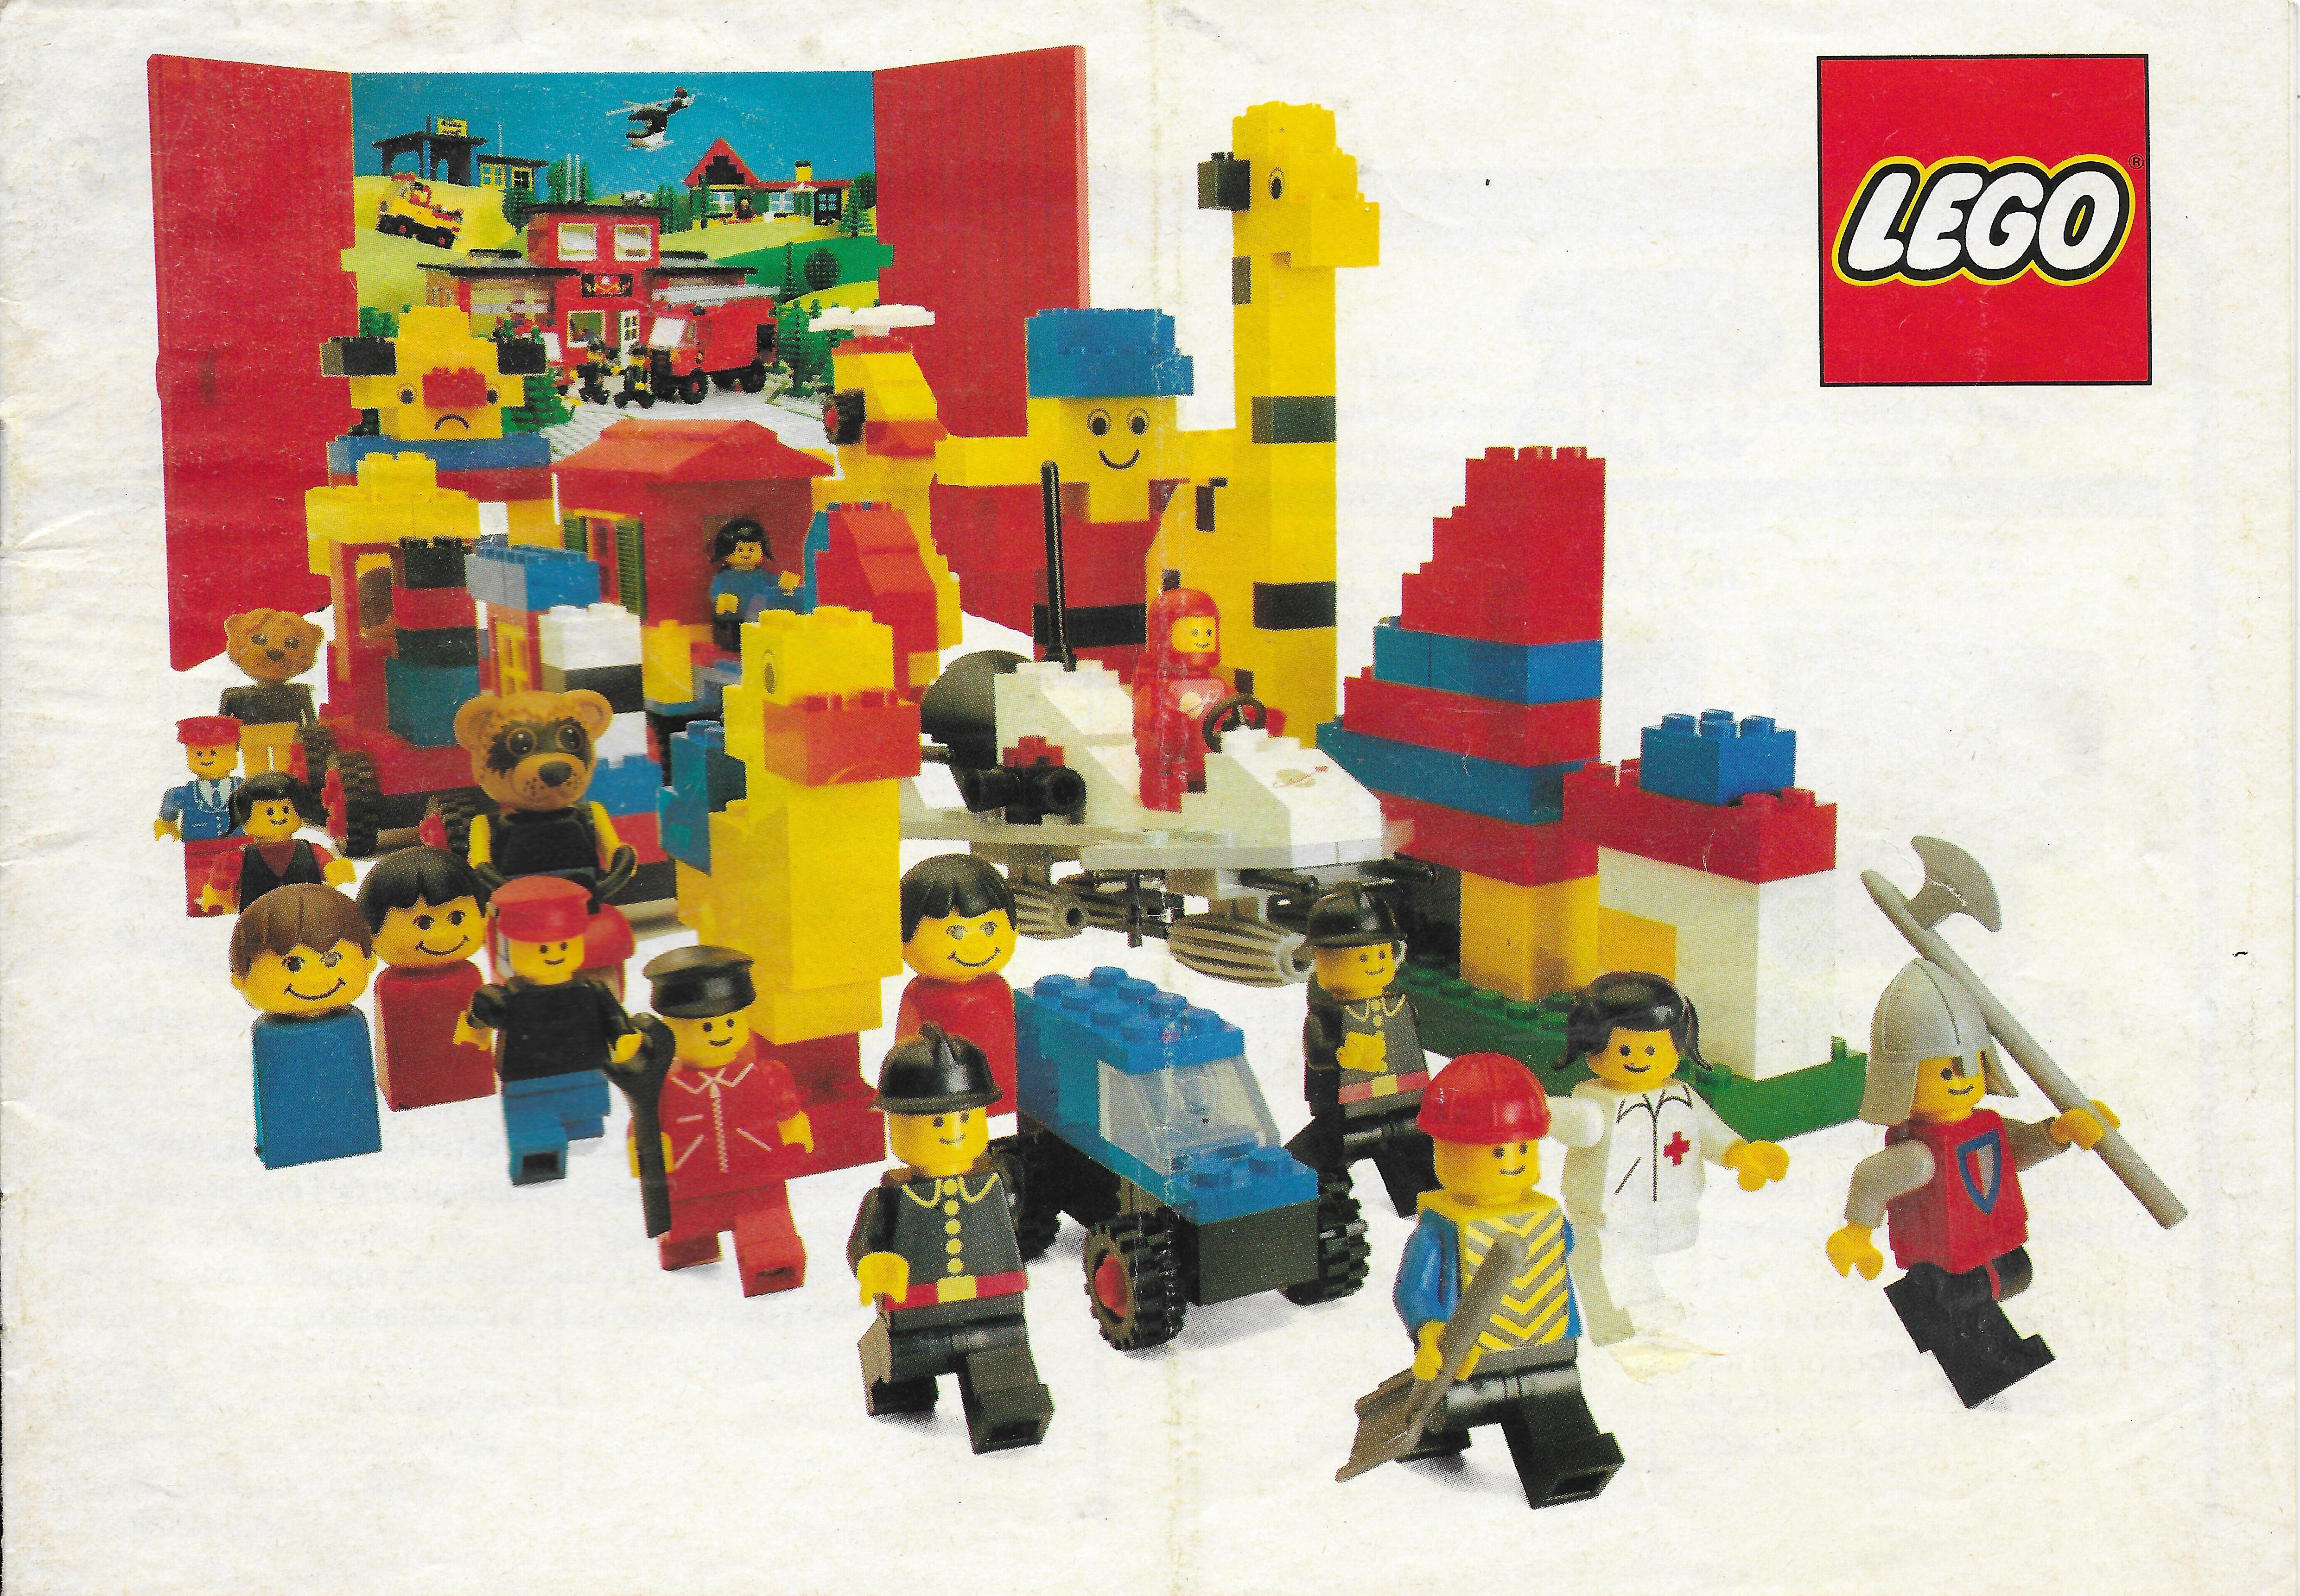 1981-es Lego katalógus